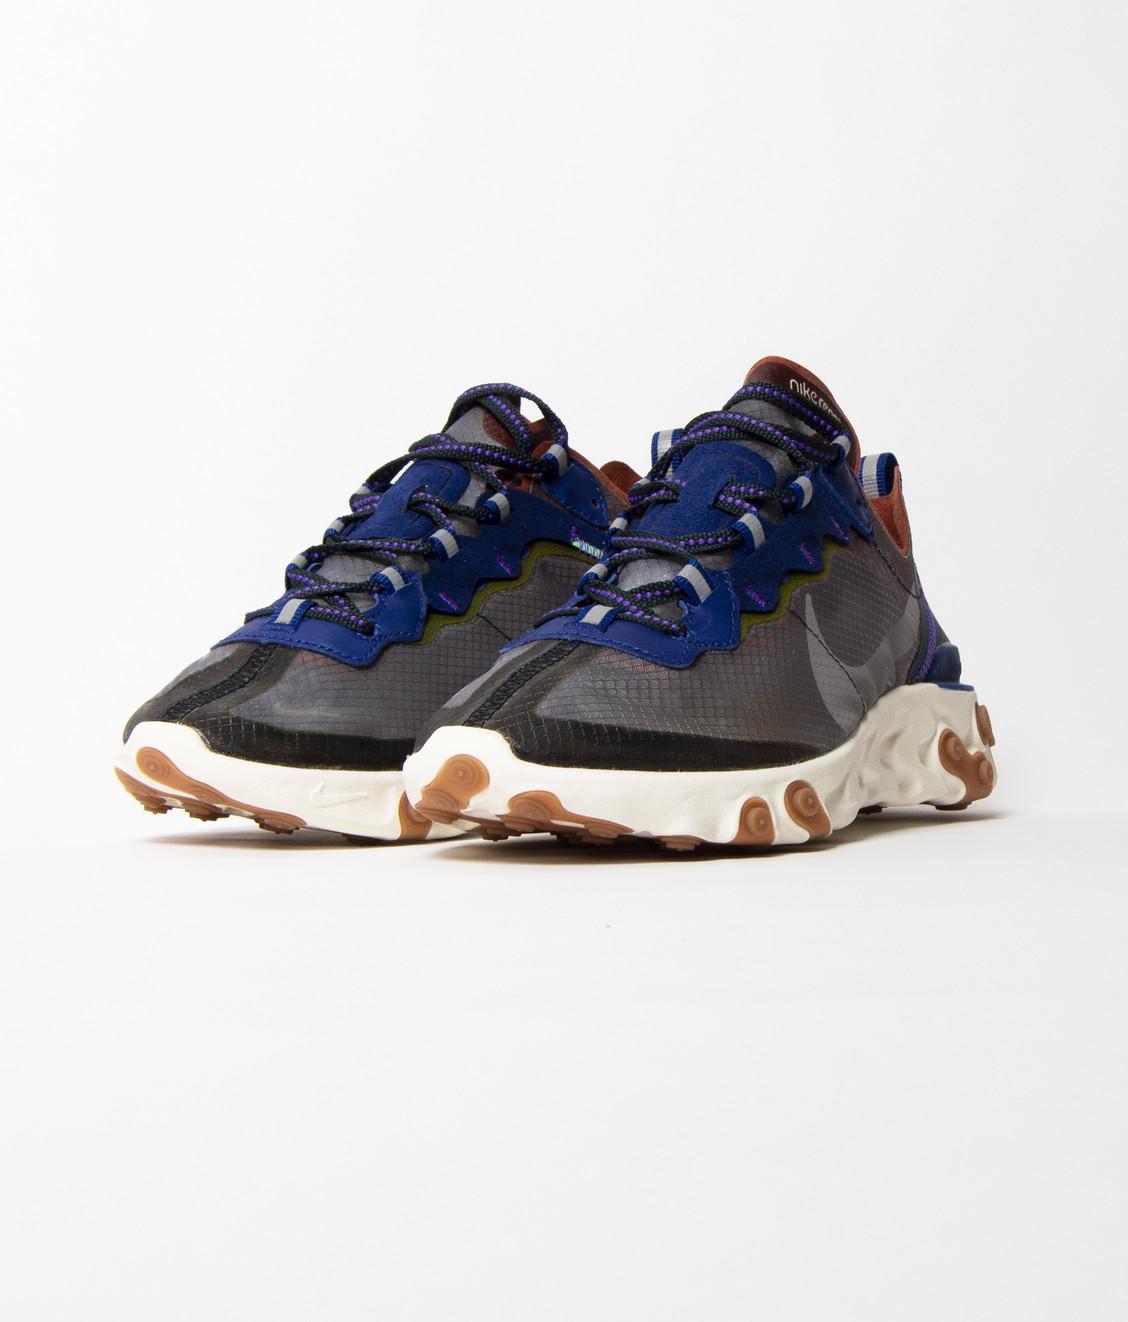 Nike Nike React Element 87 Dusty Peach